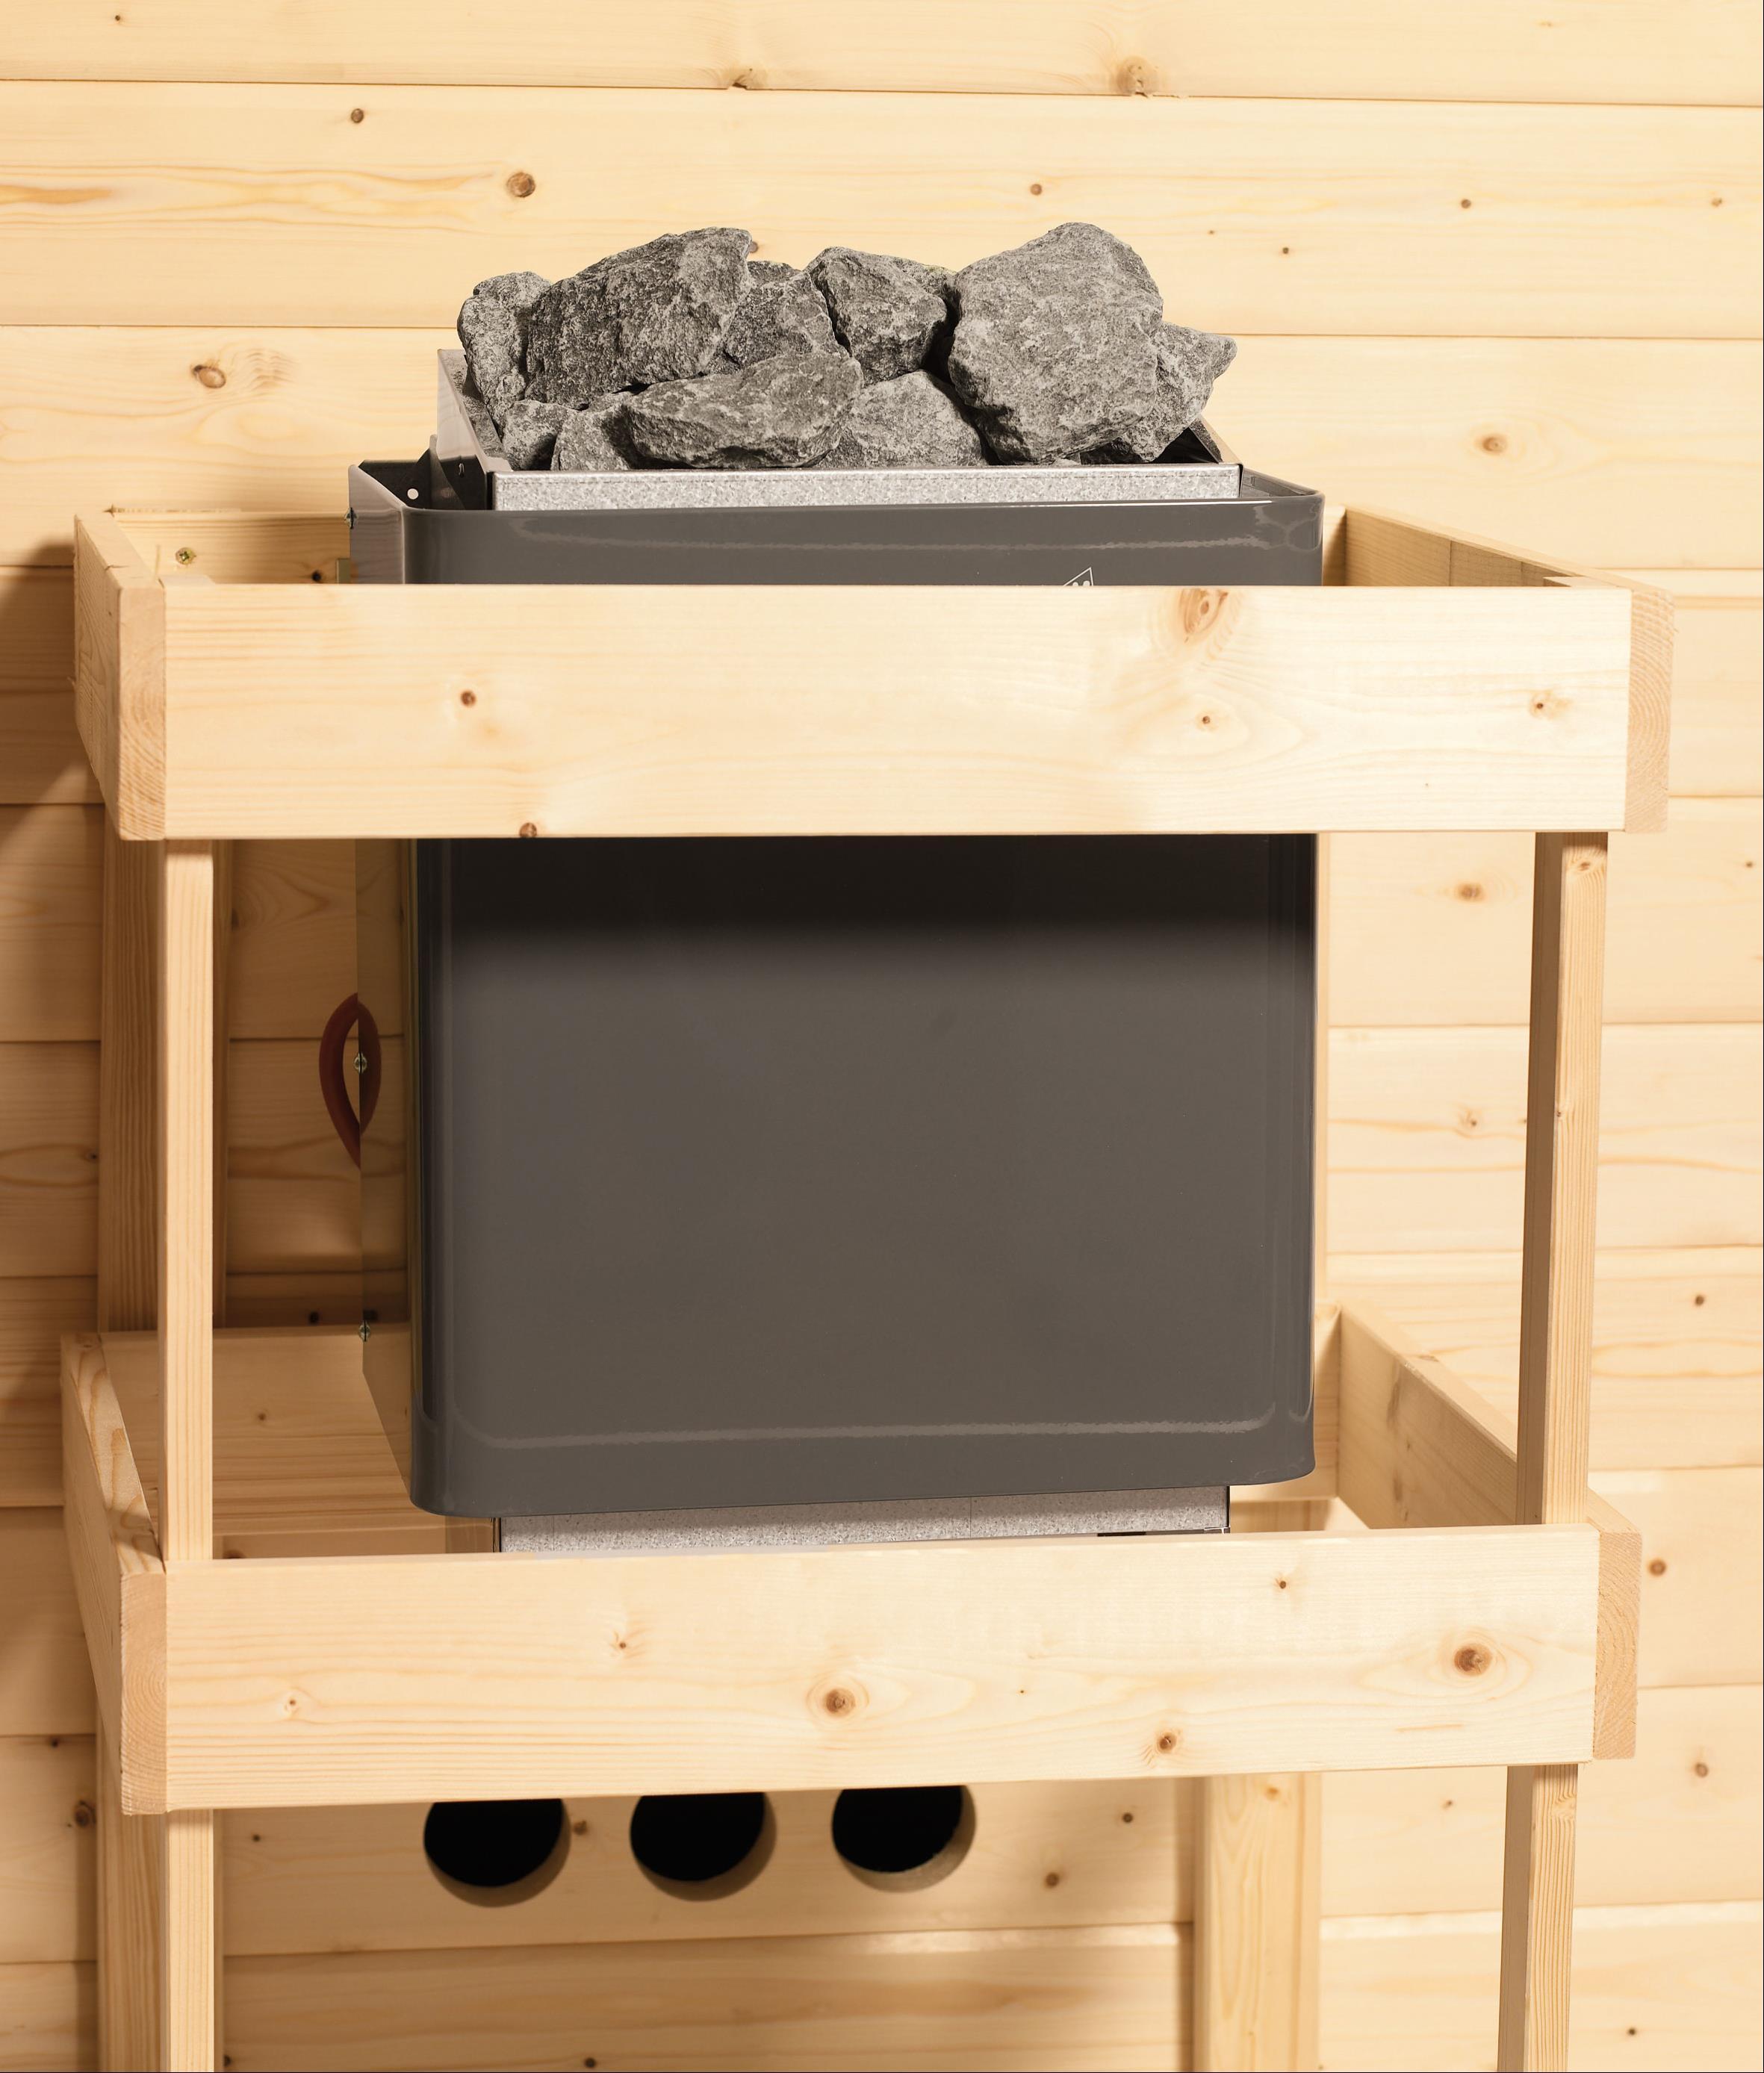 Gartensauna Karibu Saunahaus Kroge 38mm Ofen 9kW intern Tür modern Bild 7